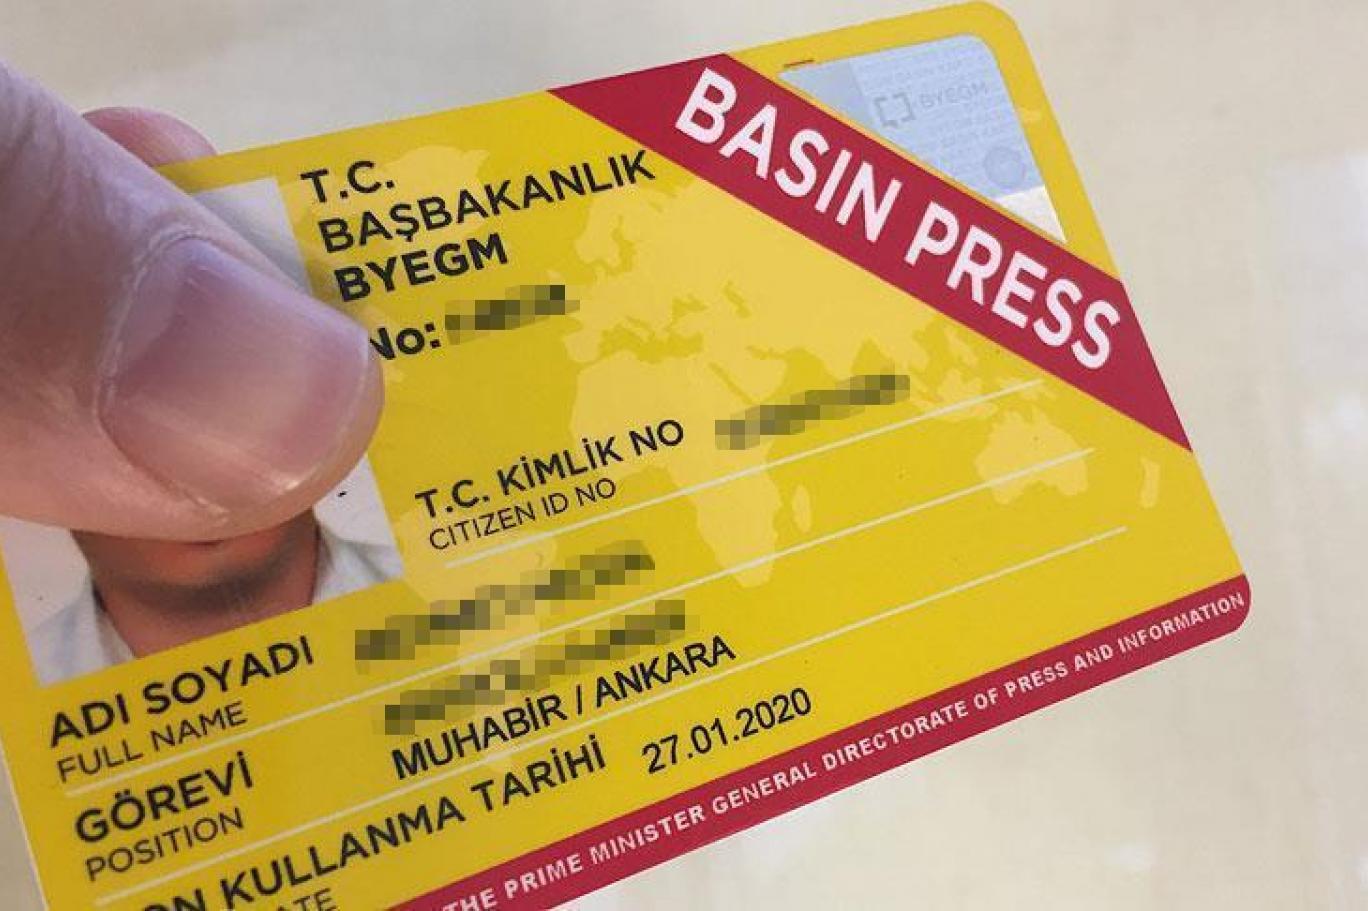 685 gazetecinin kartı iptal edildi